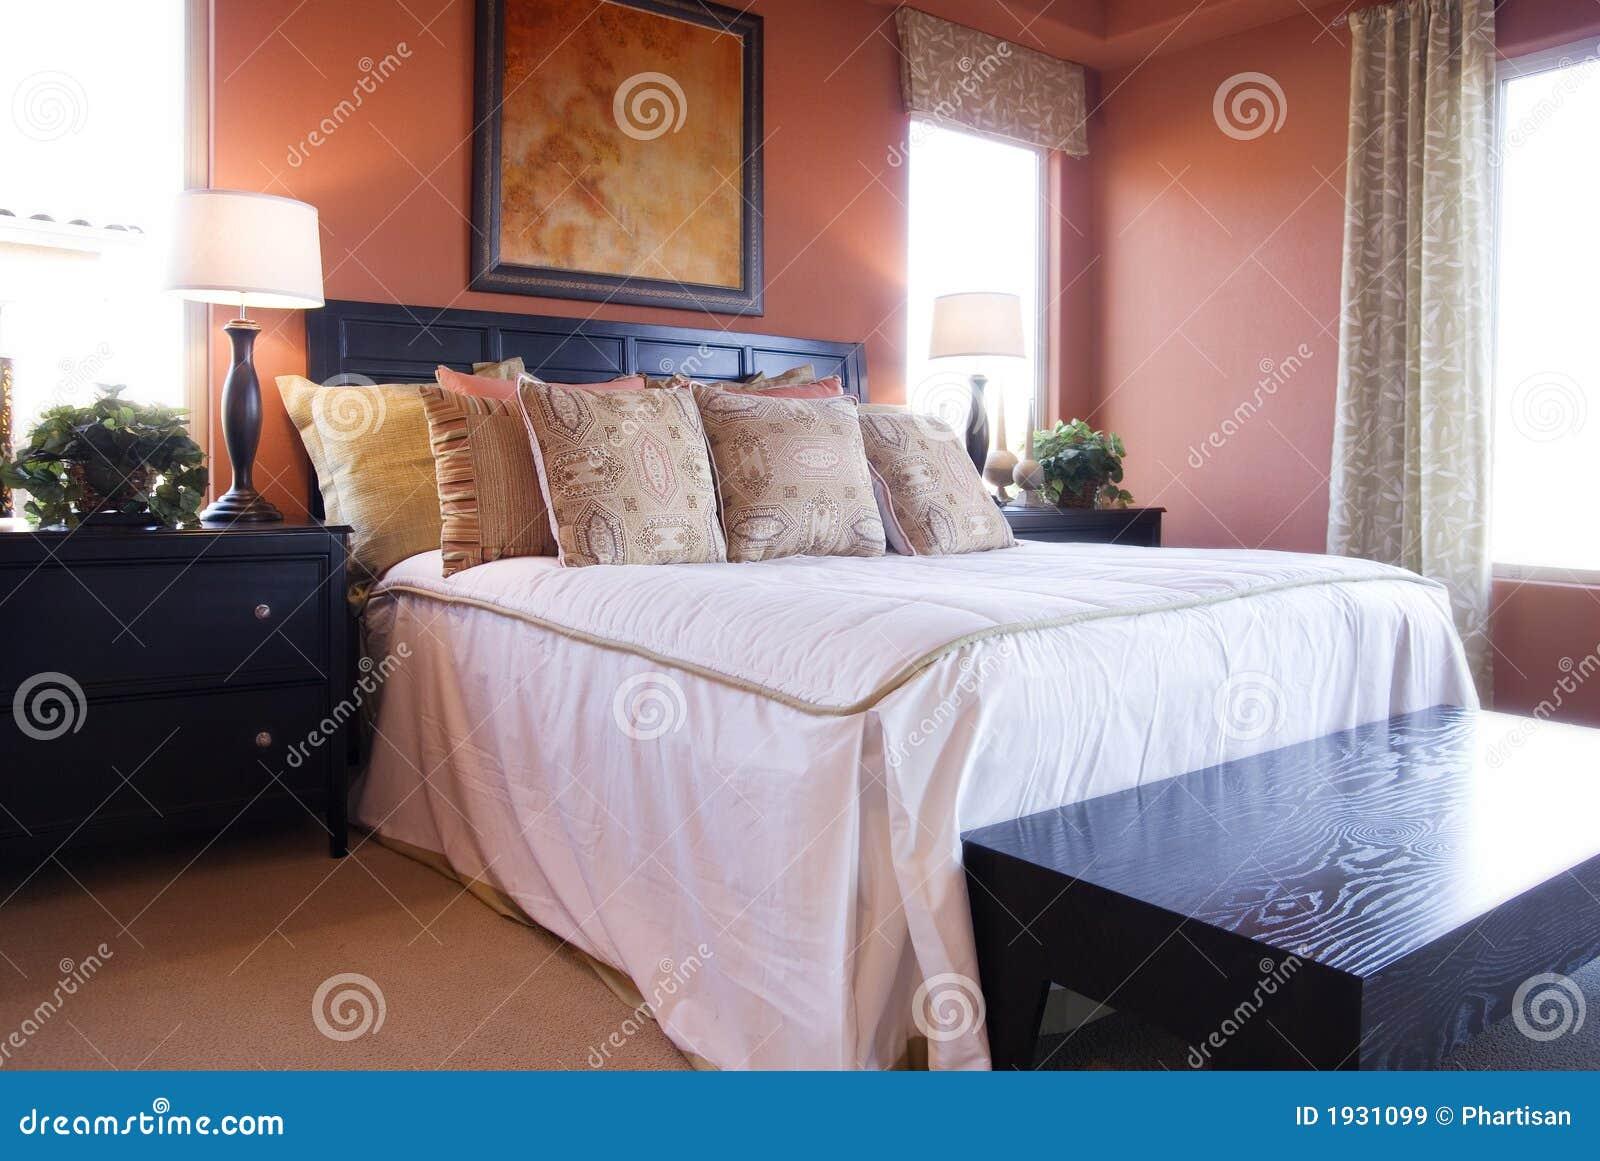 Mooie slaapkamer stock afbeelding afbeelding bestaande uit zitkamer 1931099 - Mooie meid slaapkamer ...